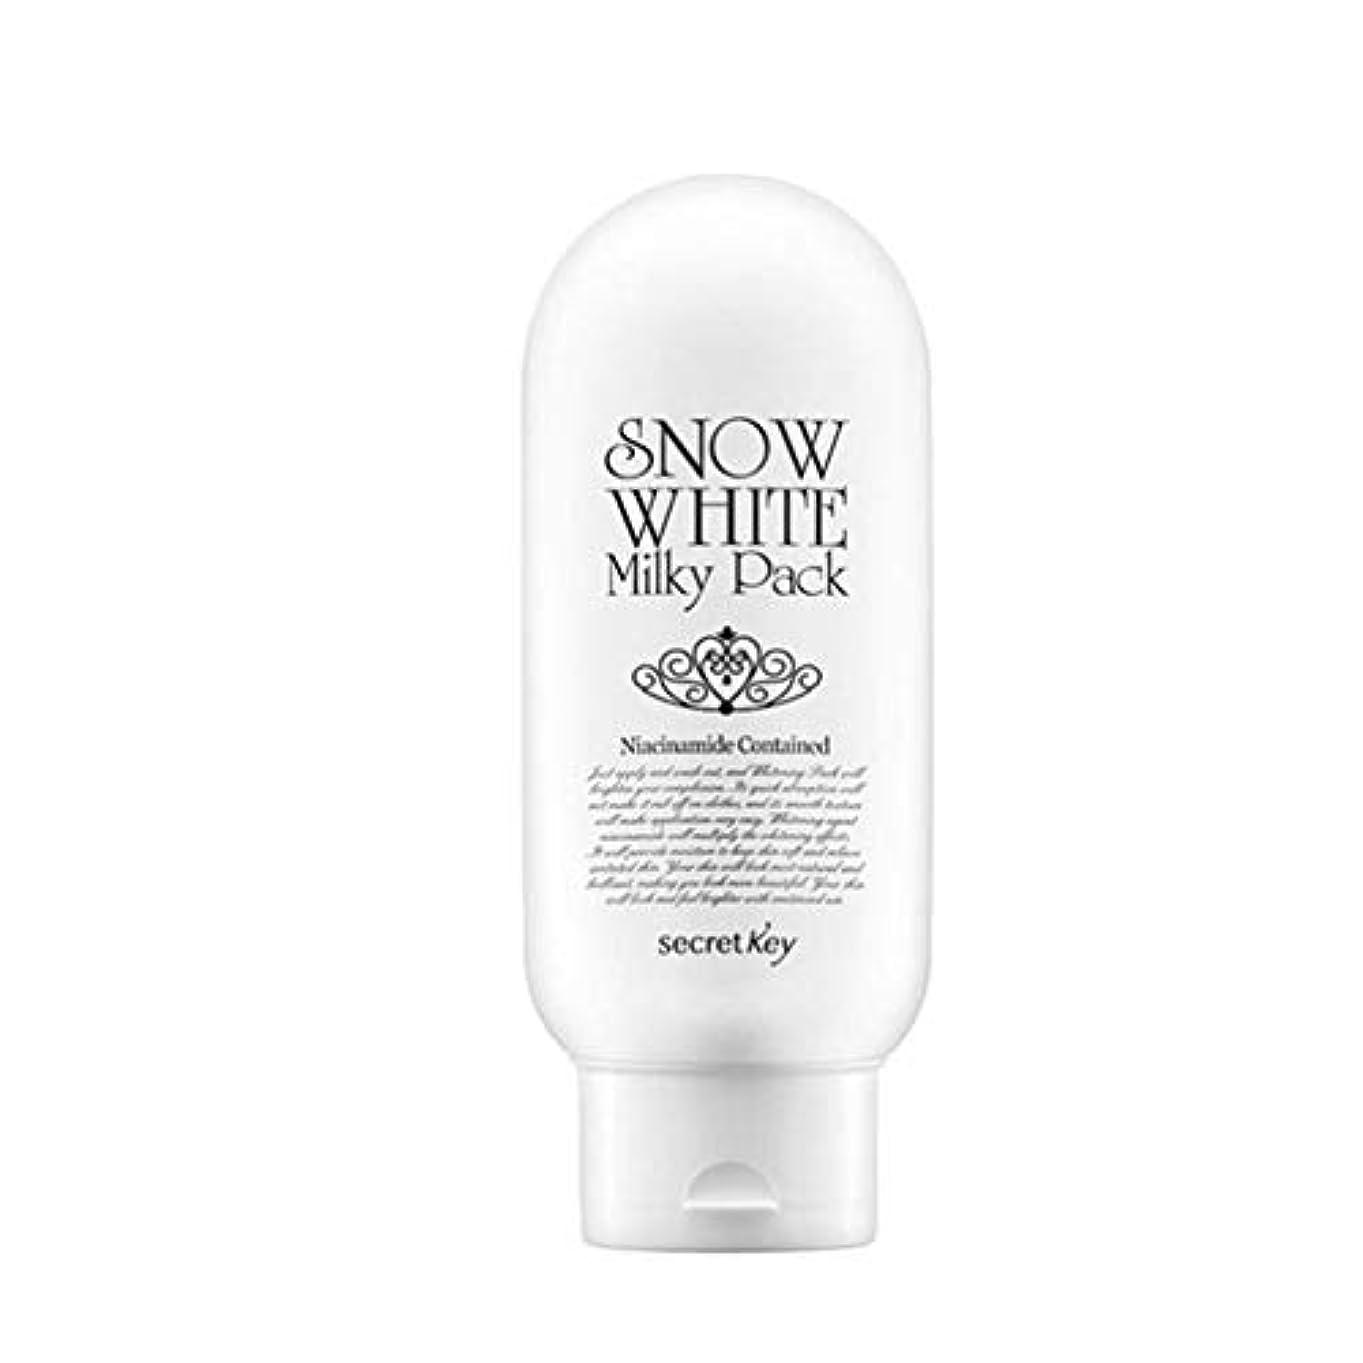 農奴口乱すシークレットキースノーホワイトミルキーパック200g韓国コスメ、Secret Key Snow White Milky Pack 200g Korean Cosmetics [並行輸入品]